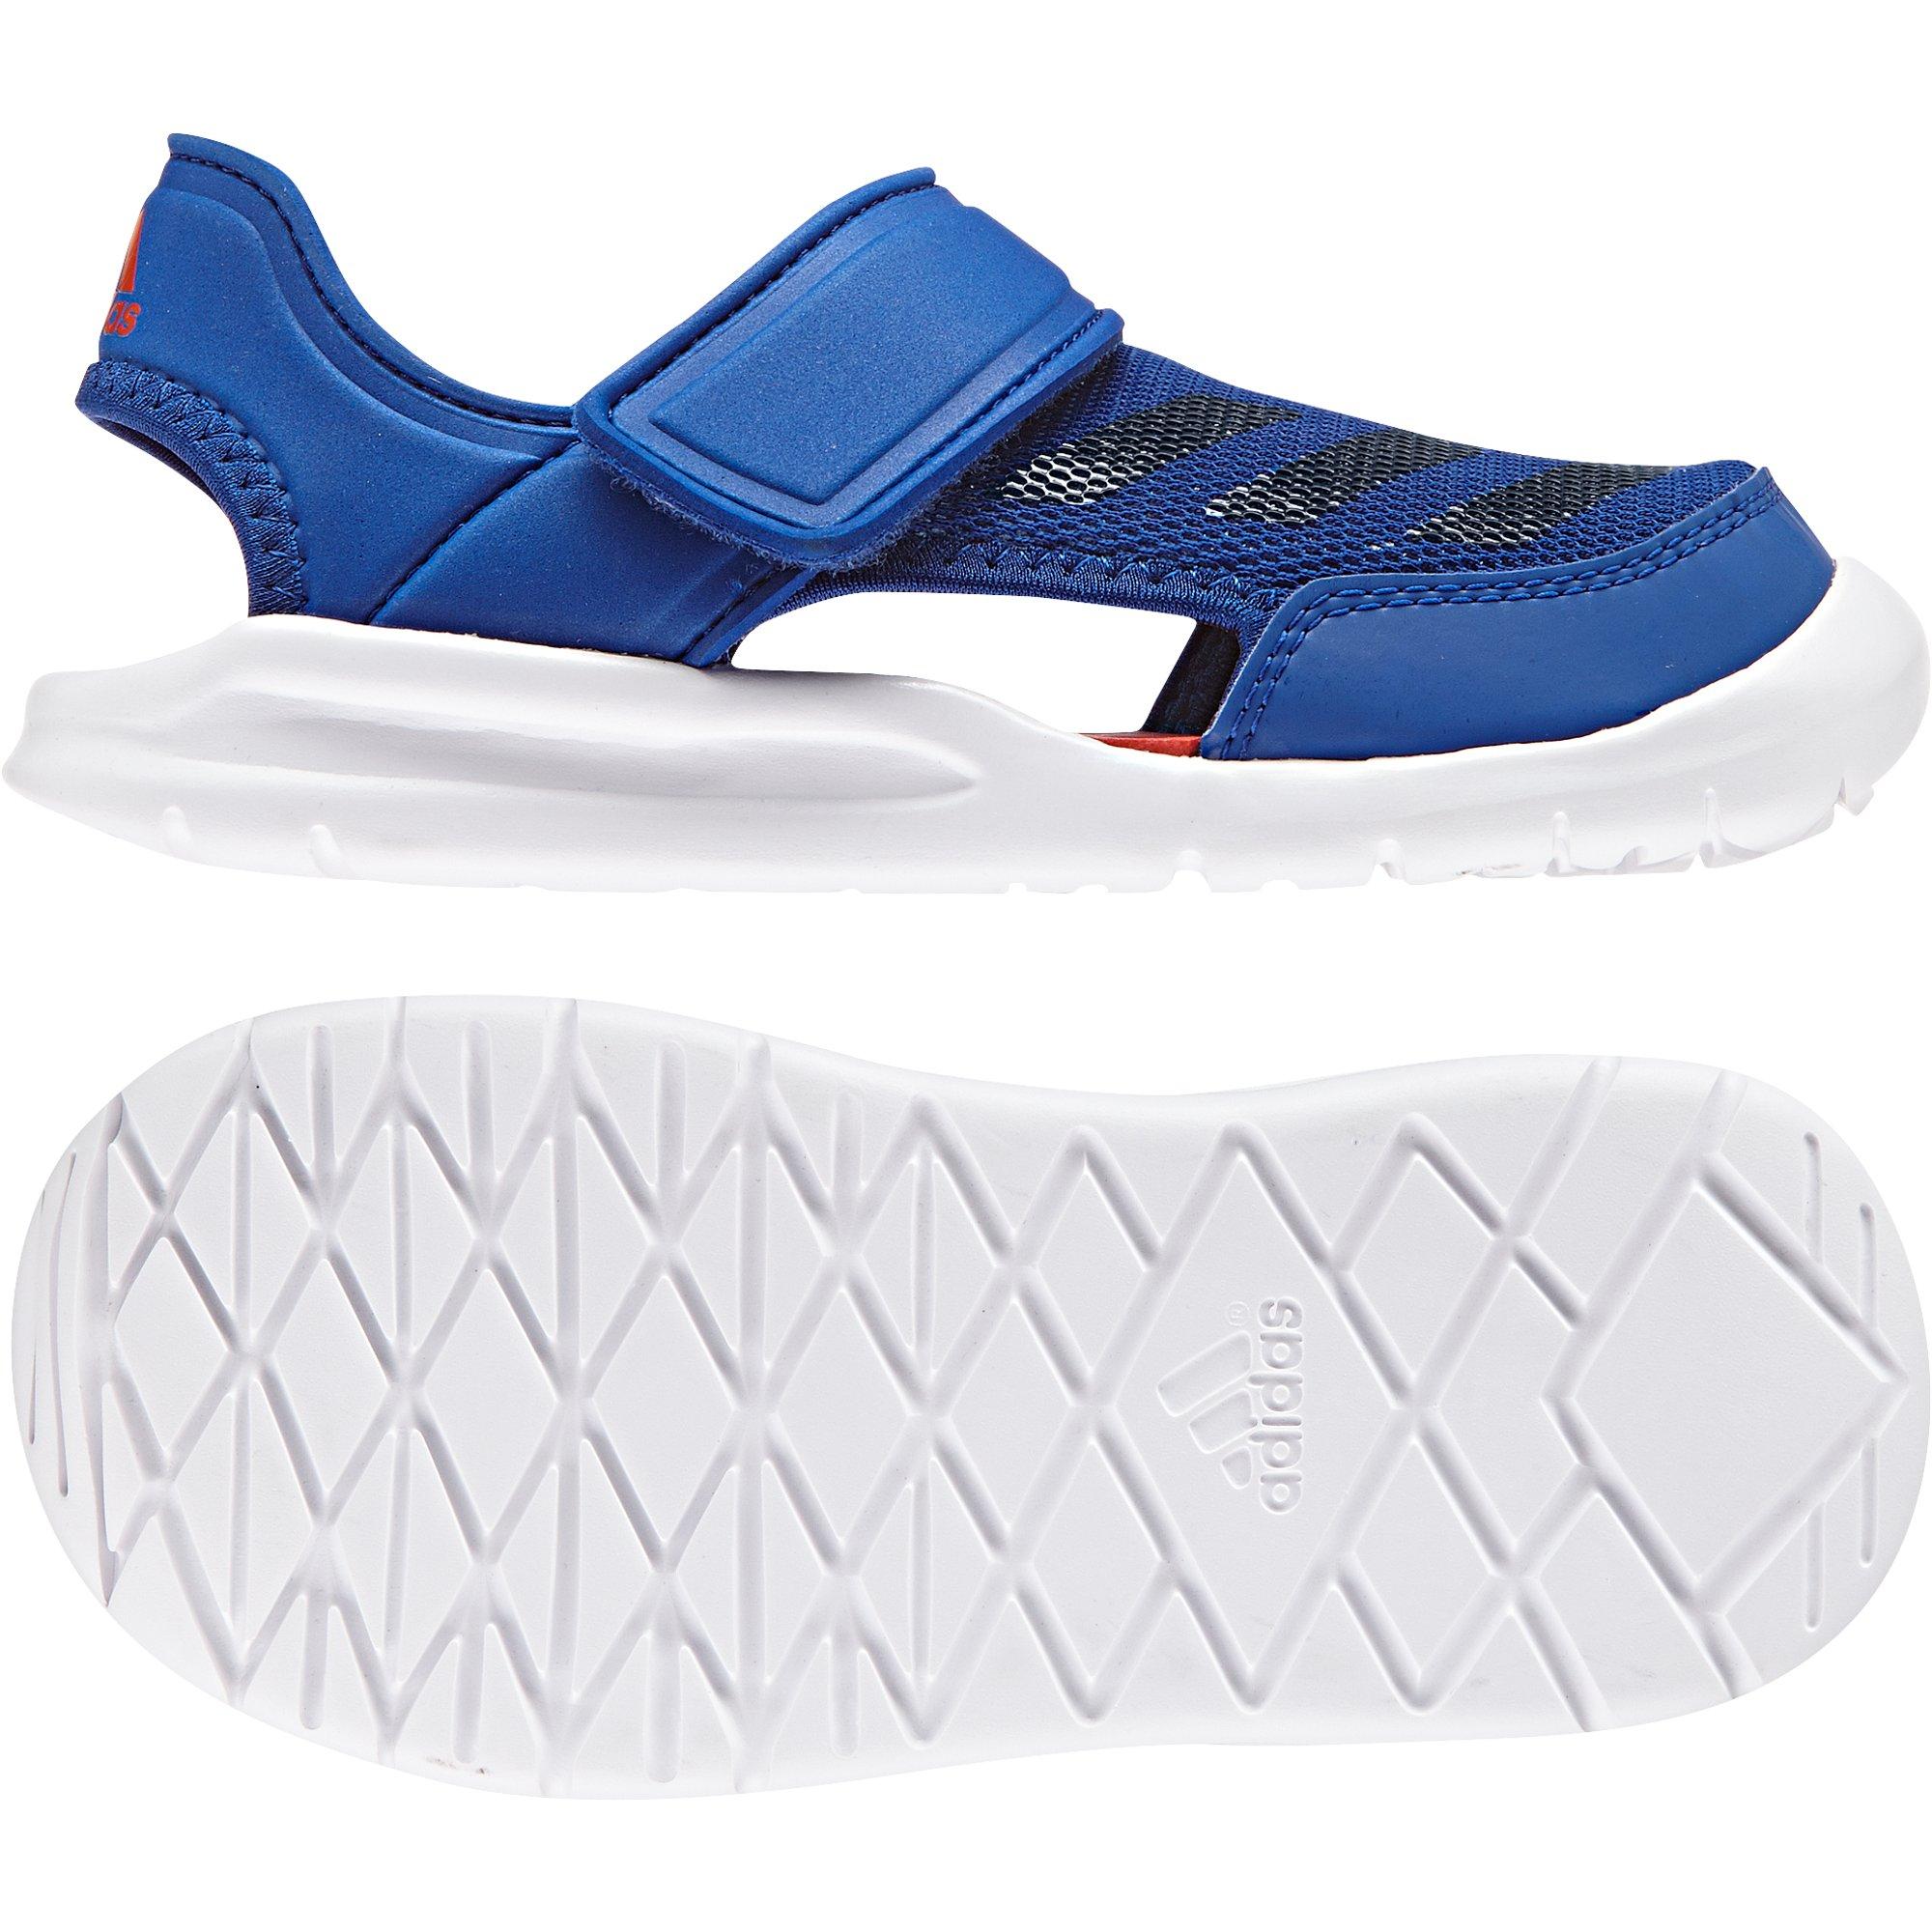 1cec3238 sandały sandałki dziecięce adidas r 29 AC8253 - 7713315287 ...